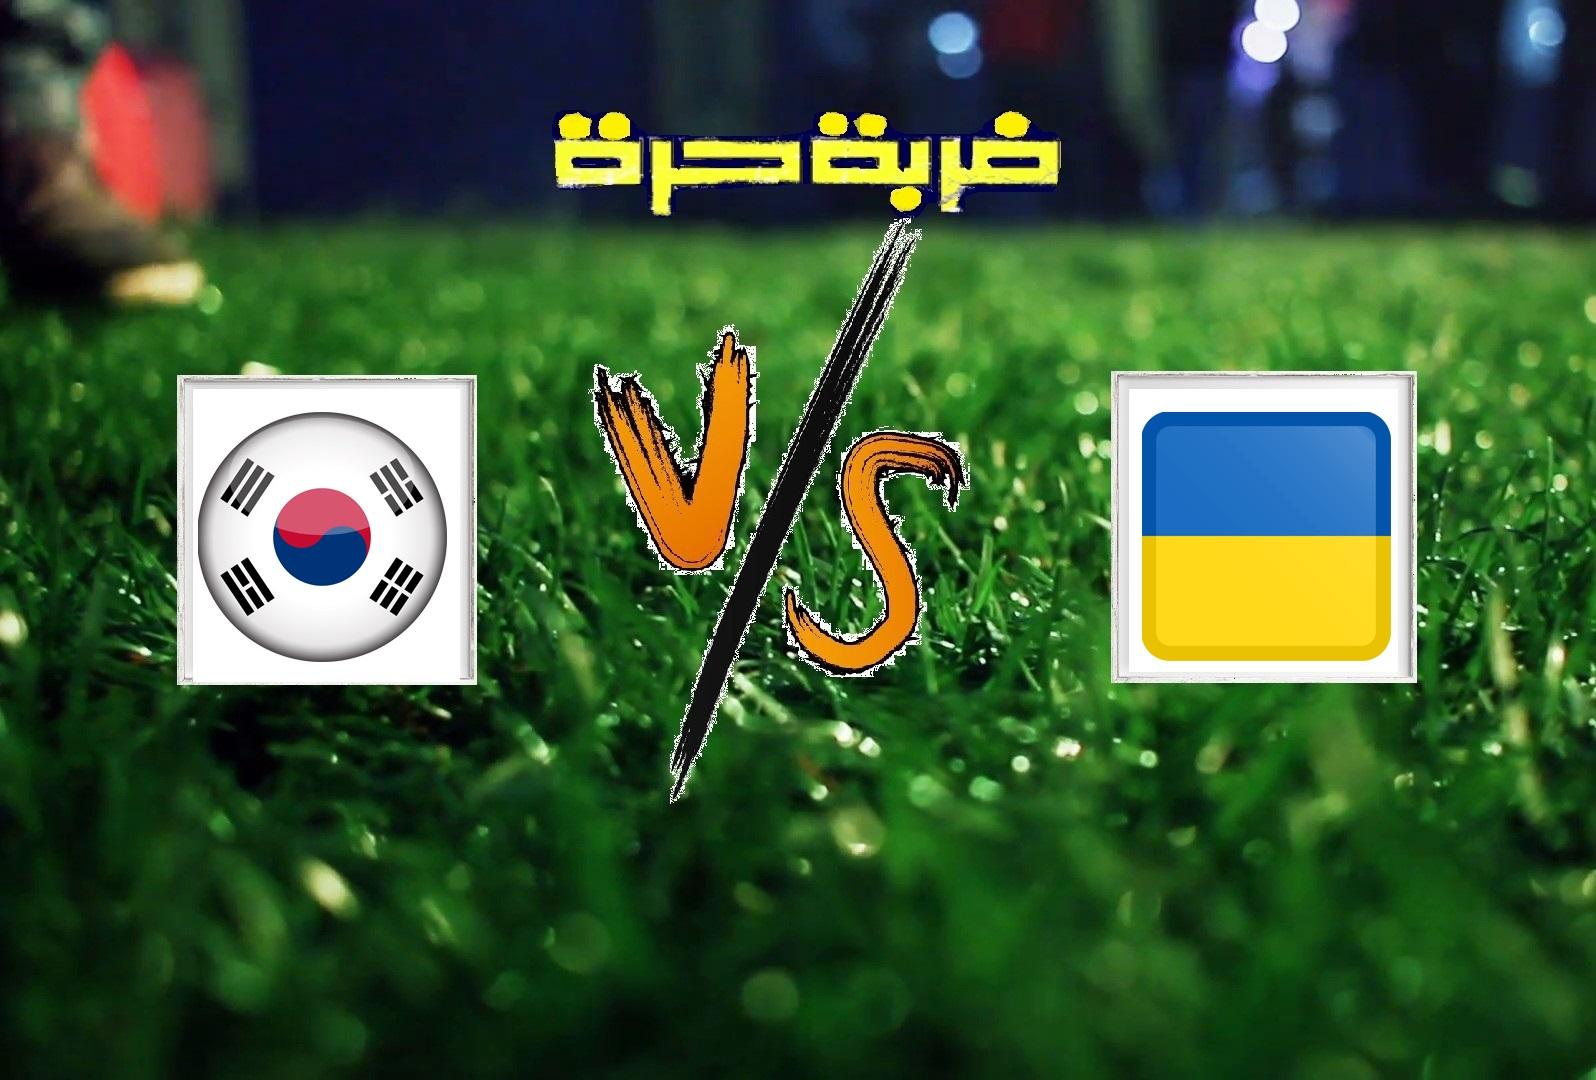 نتيجة مباراة اوكرانيا وكوريا الجنوبية اليوم السبت بتاريخ 15-6-2019 كأس العالم للشباب